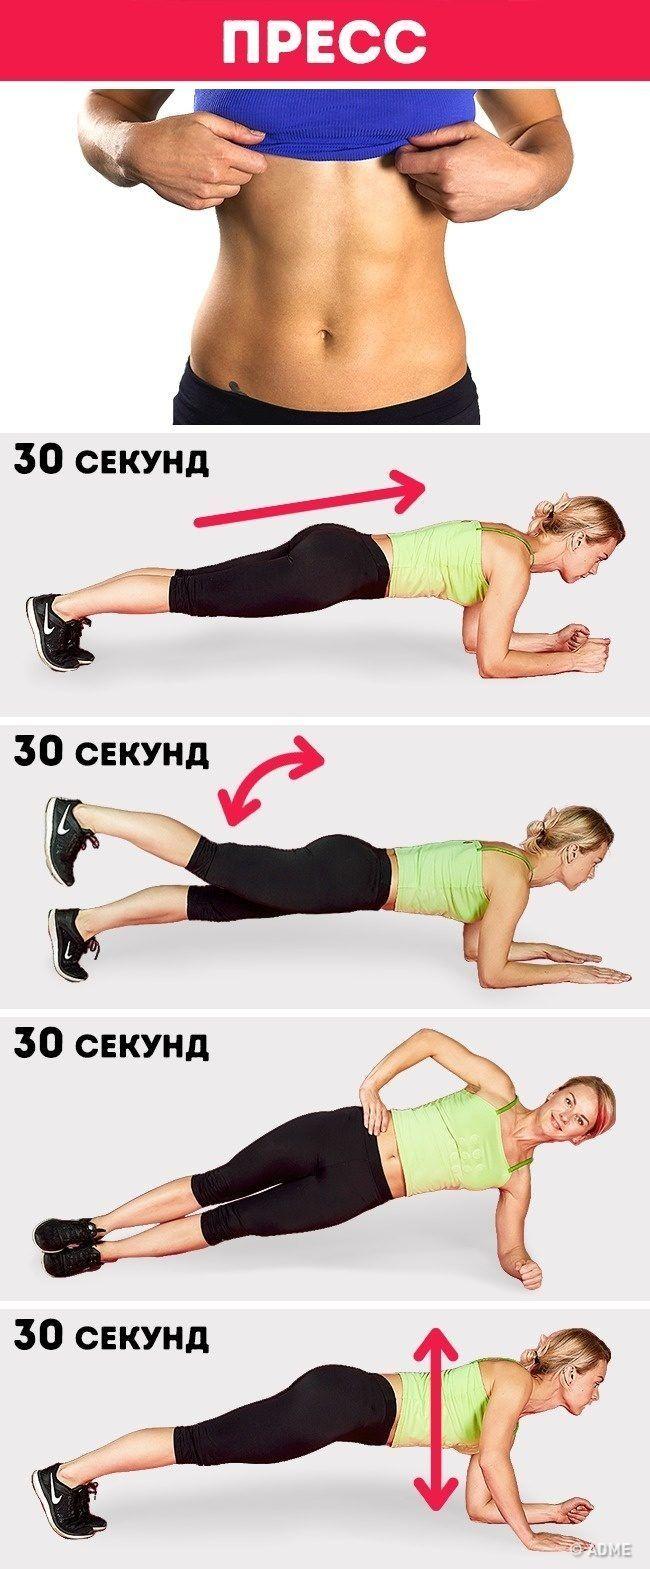 """Комплекс упражнений, чтобы прокачать мышцы всего тела и сбросить вес Товары для вашего здоровья и красоты. Вебинары и видеоролики о продукции. БАДы, витамины, минералы. #БАД #NSP #Wellness <a href=""""http://www.natr-nn.ru/"""">Все для вашего здоровья и красоты</a>"""